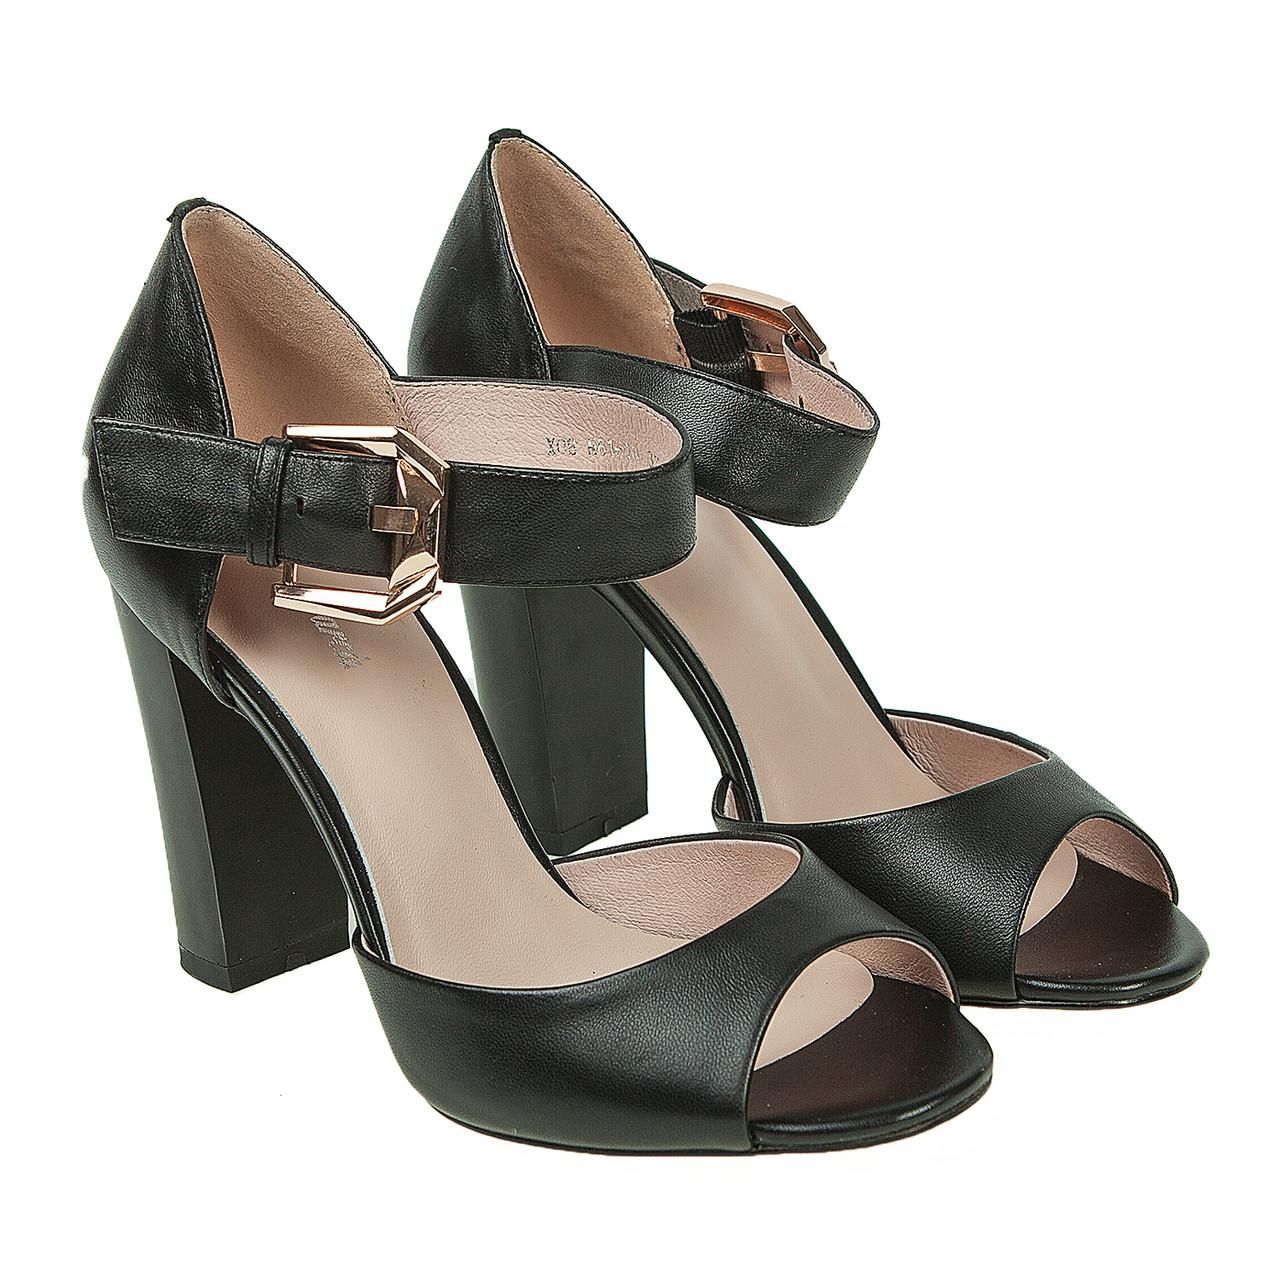 ac48d0e10db7 Купить Босоножки женские Lady Marcia (черного цвета, кожаные, стильные,  изысканные) ...